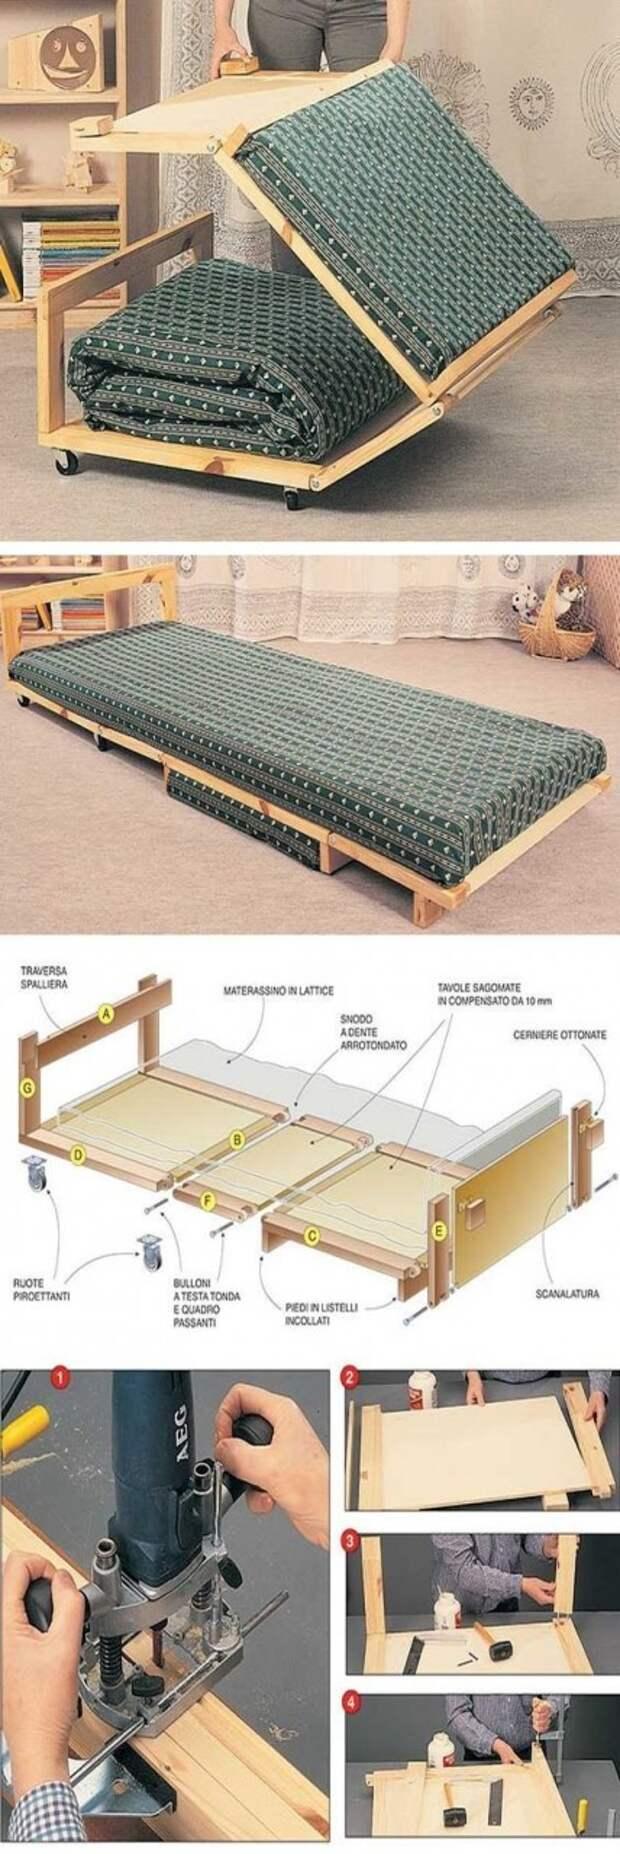 Необычная, но вполне понятная и простая кровать-раскладушка Фабрика идей, интересное, мебель, полезное, трансформеры, эргономичность